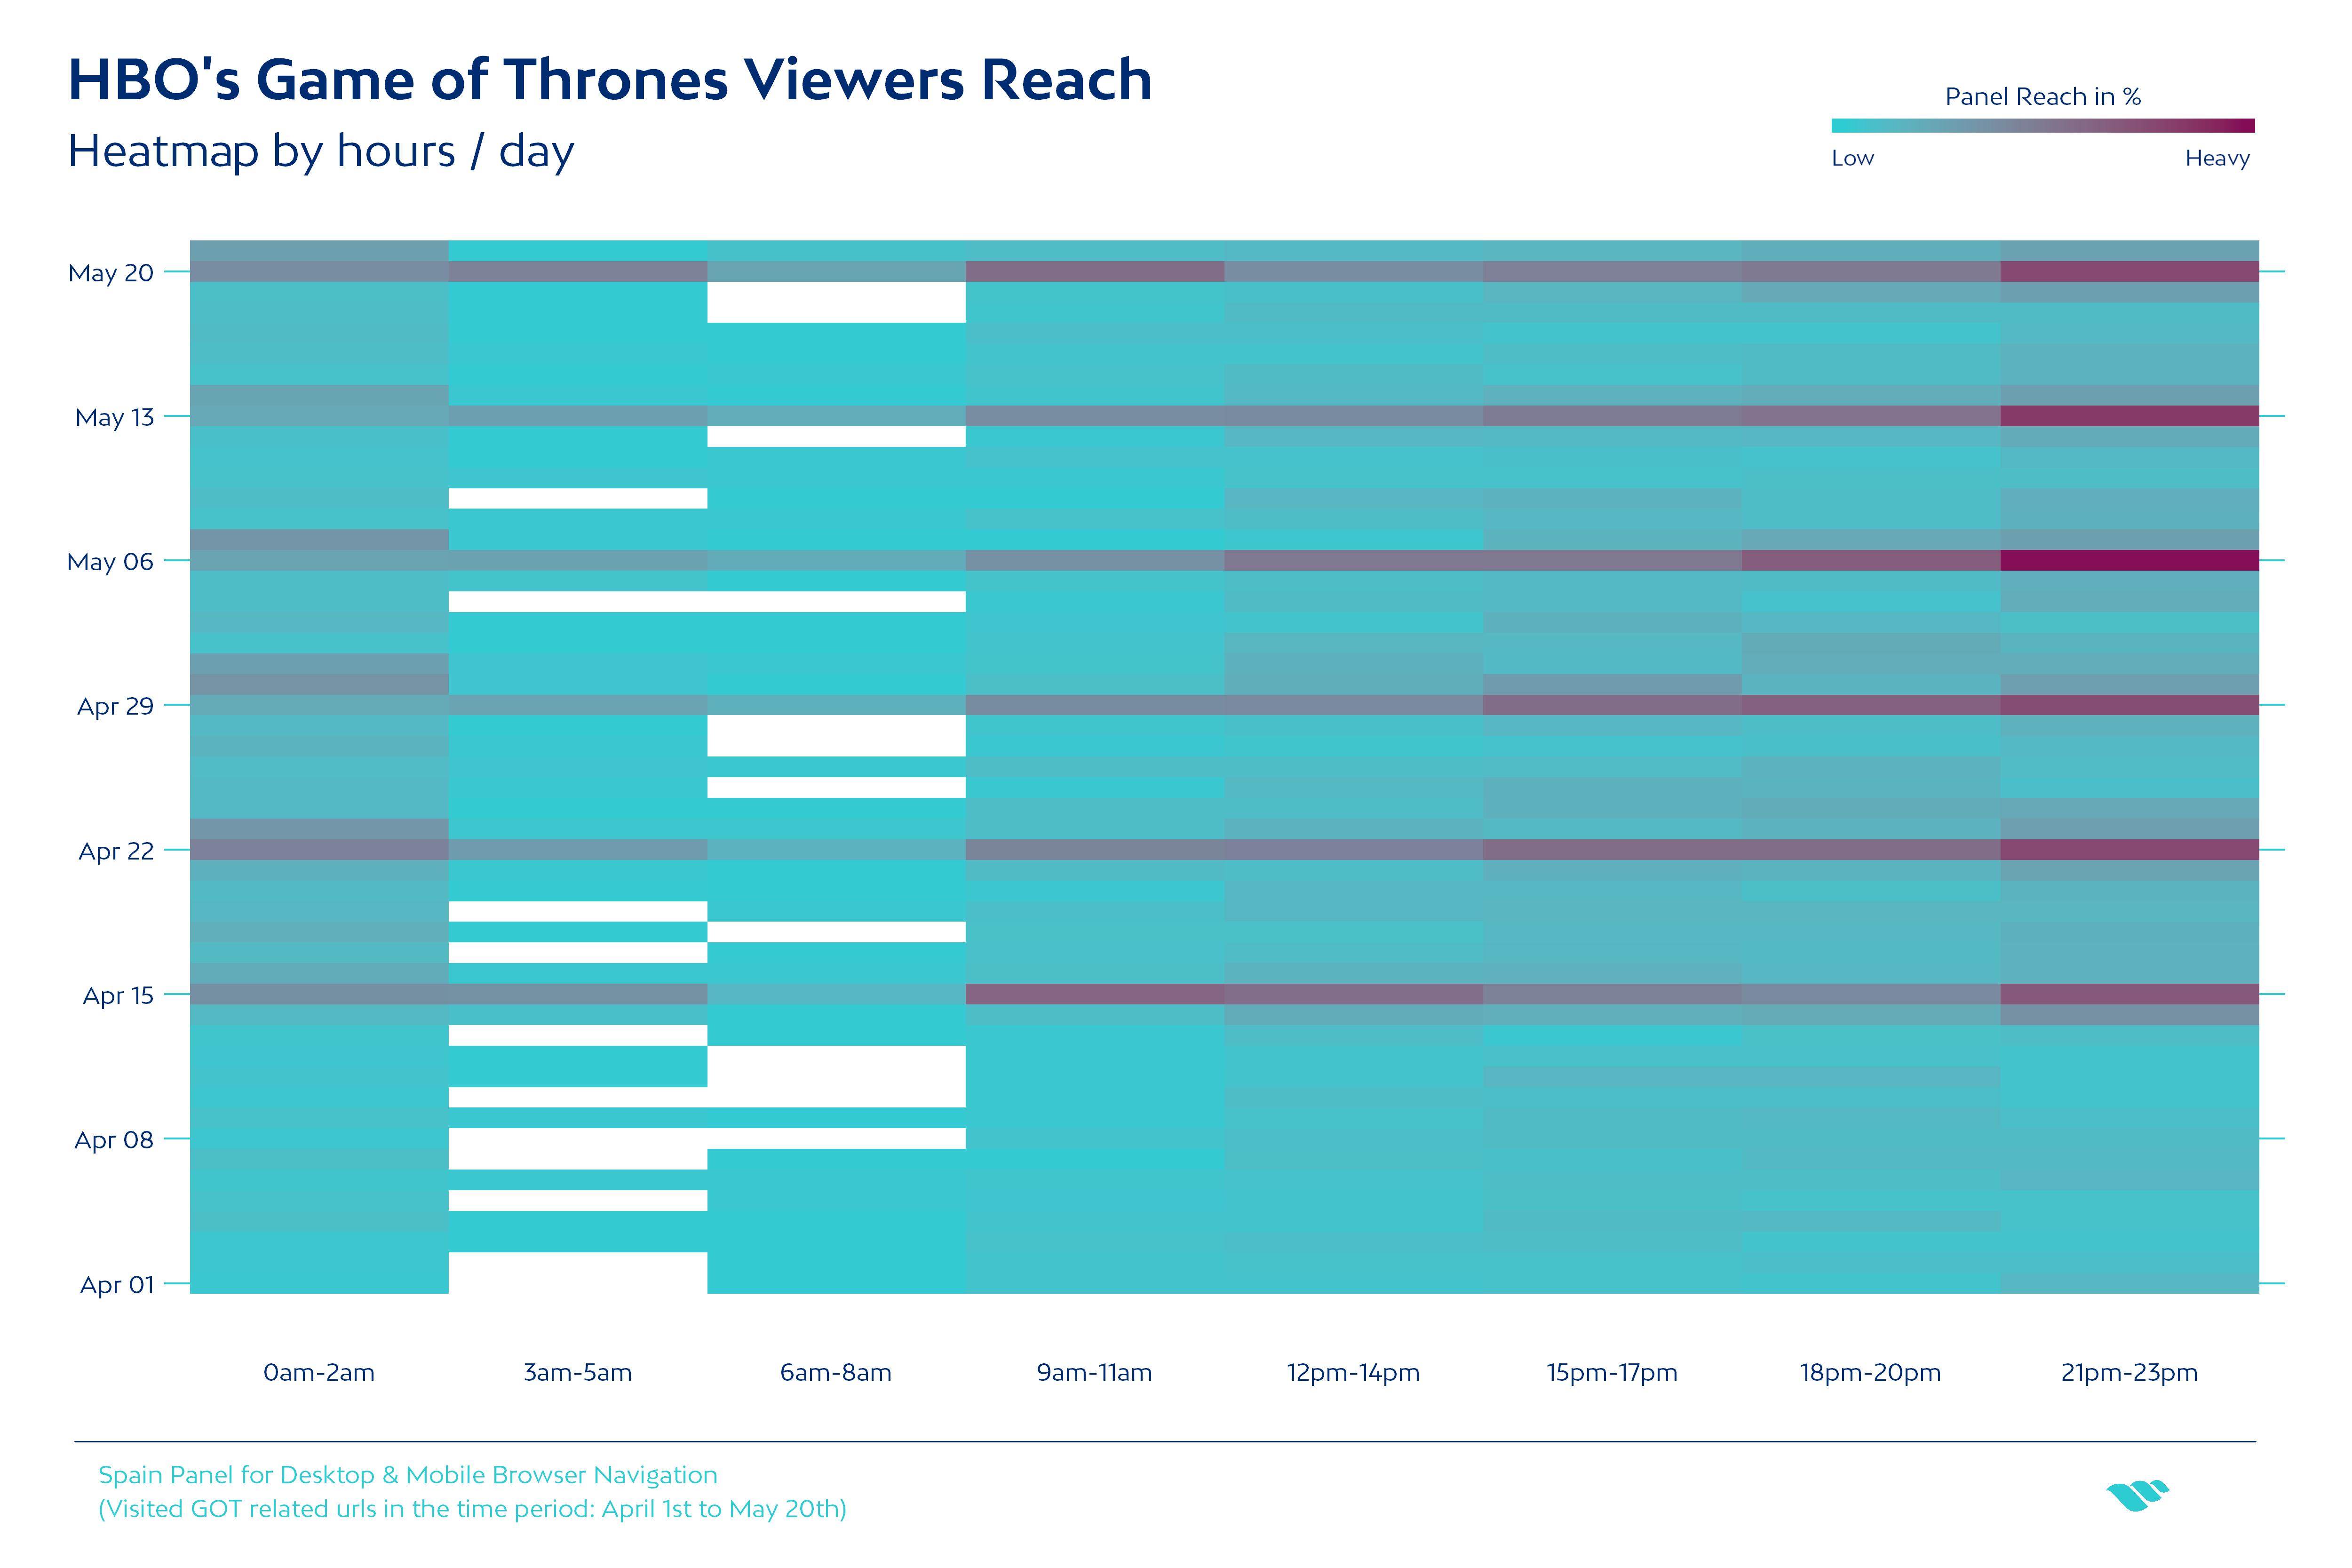 HBO Game of Thrones heatmap